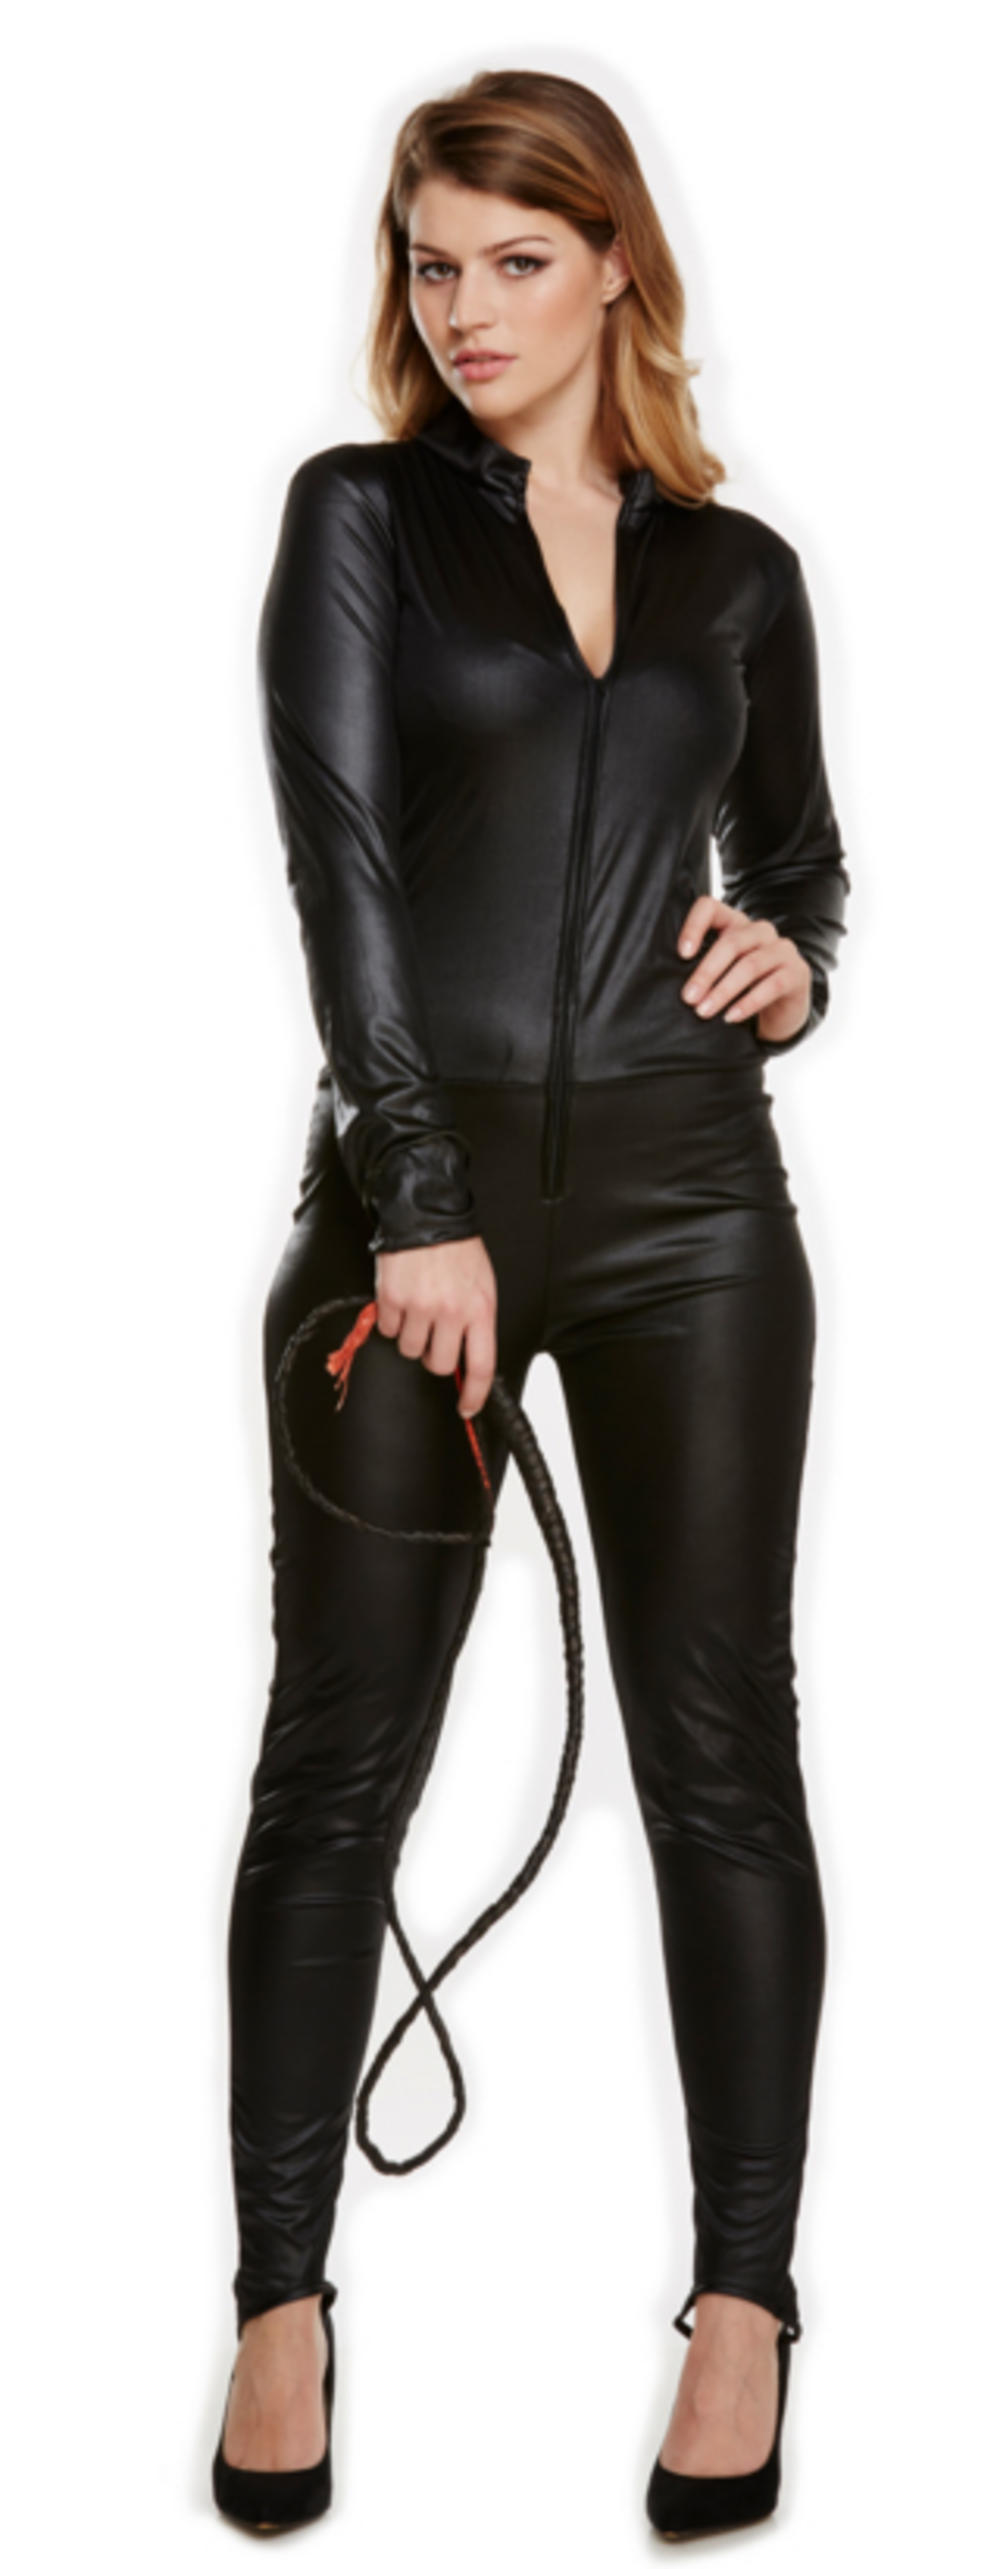 Sexy Catsuit Ladies Costume